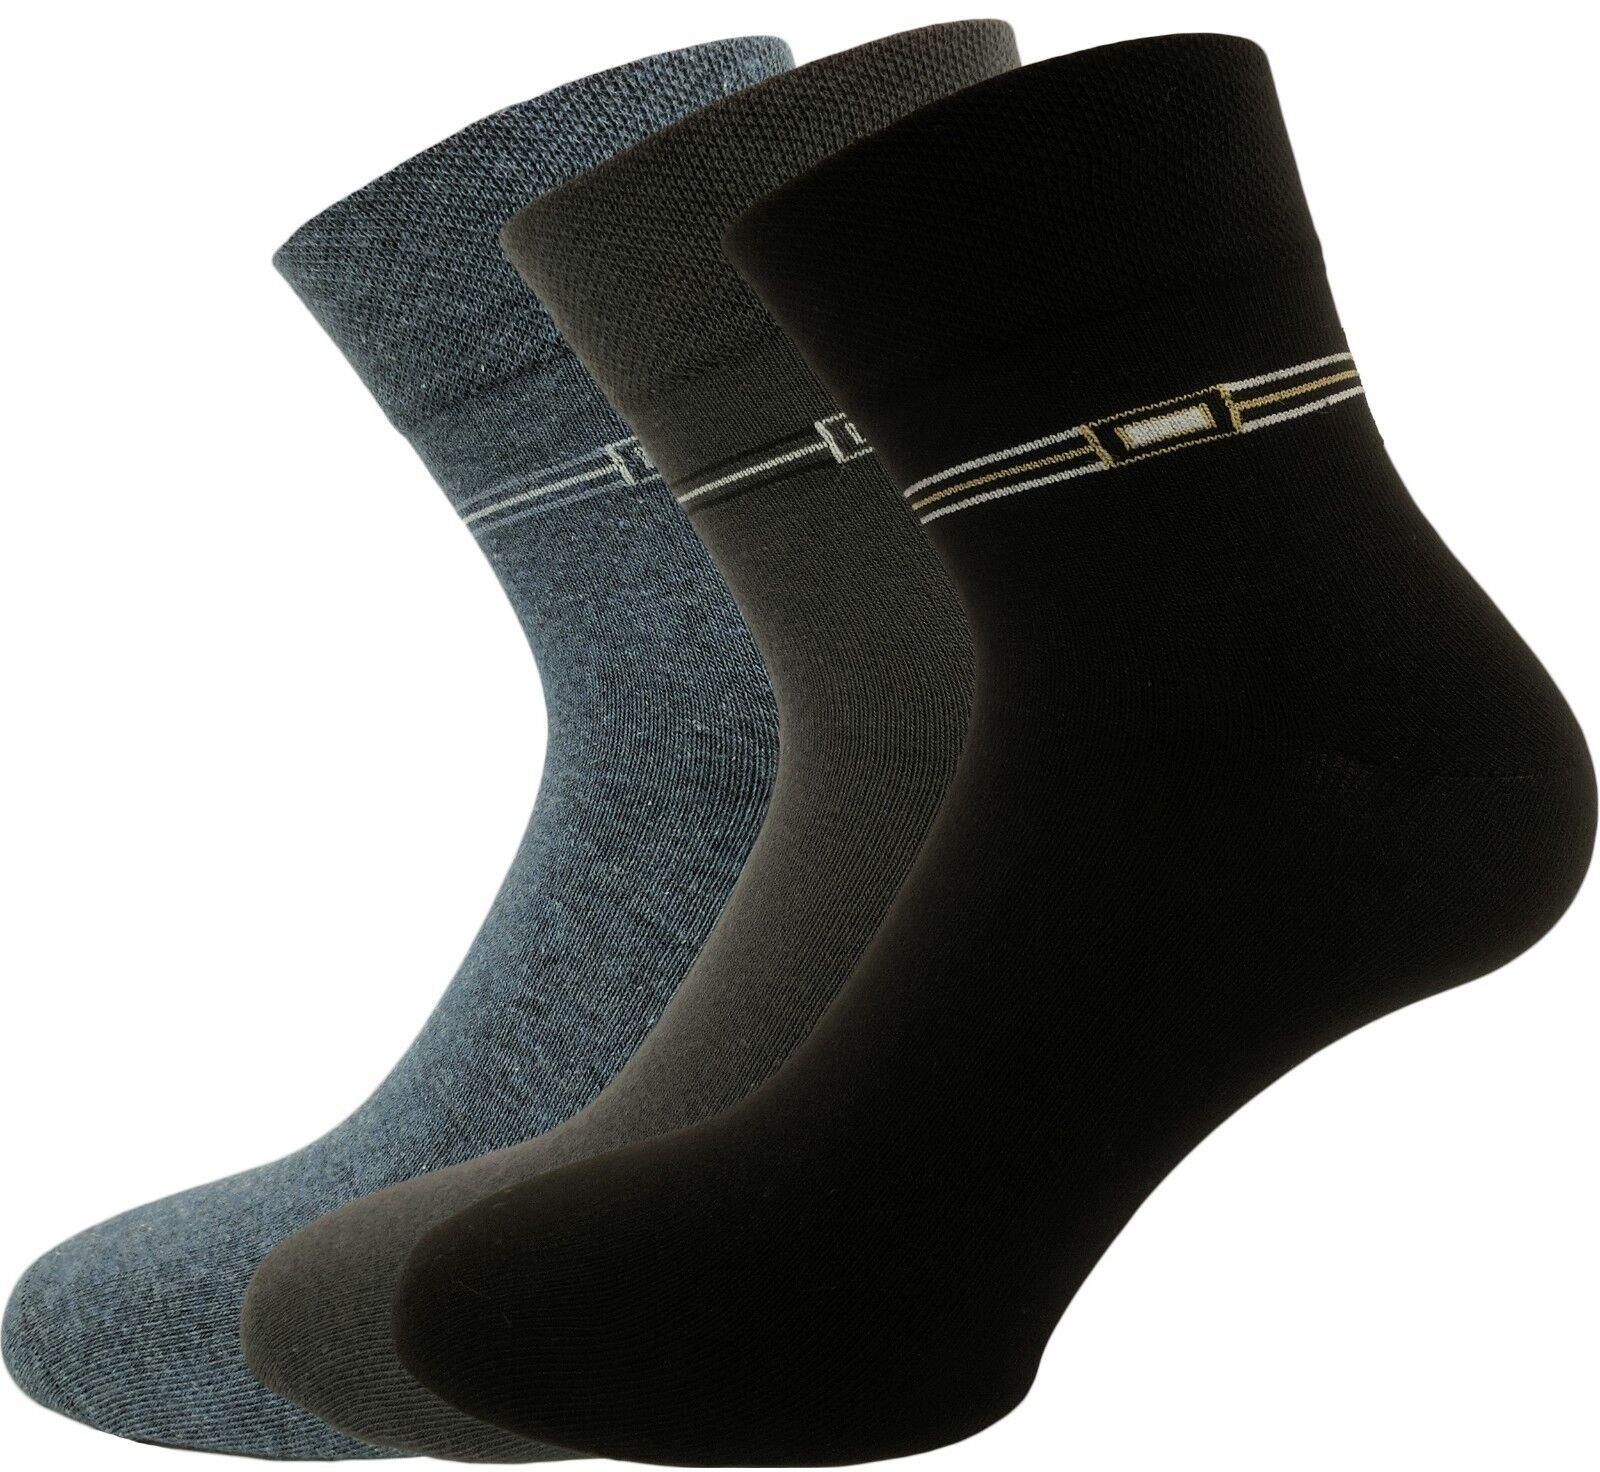 Herren Socken mit halben Schaft - Kurzsocken - 6er Pack ohne Gummi Handgekettelt